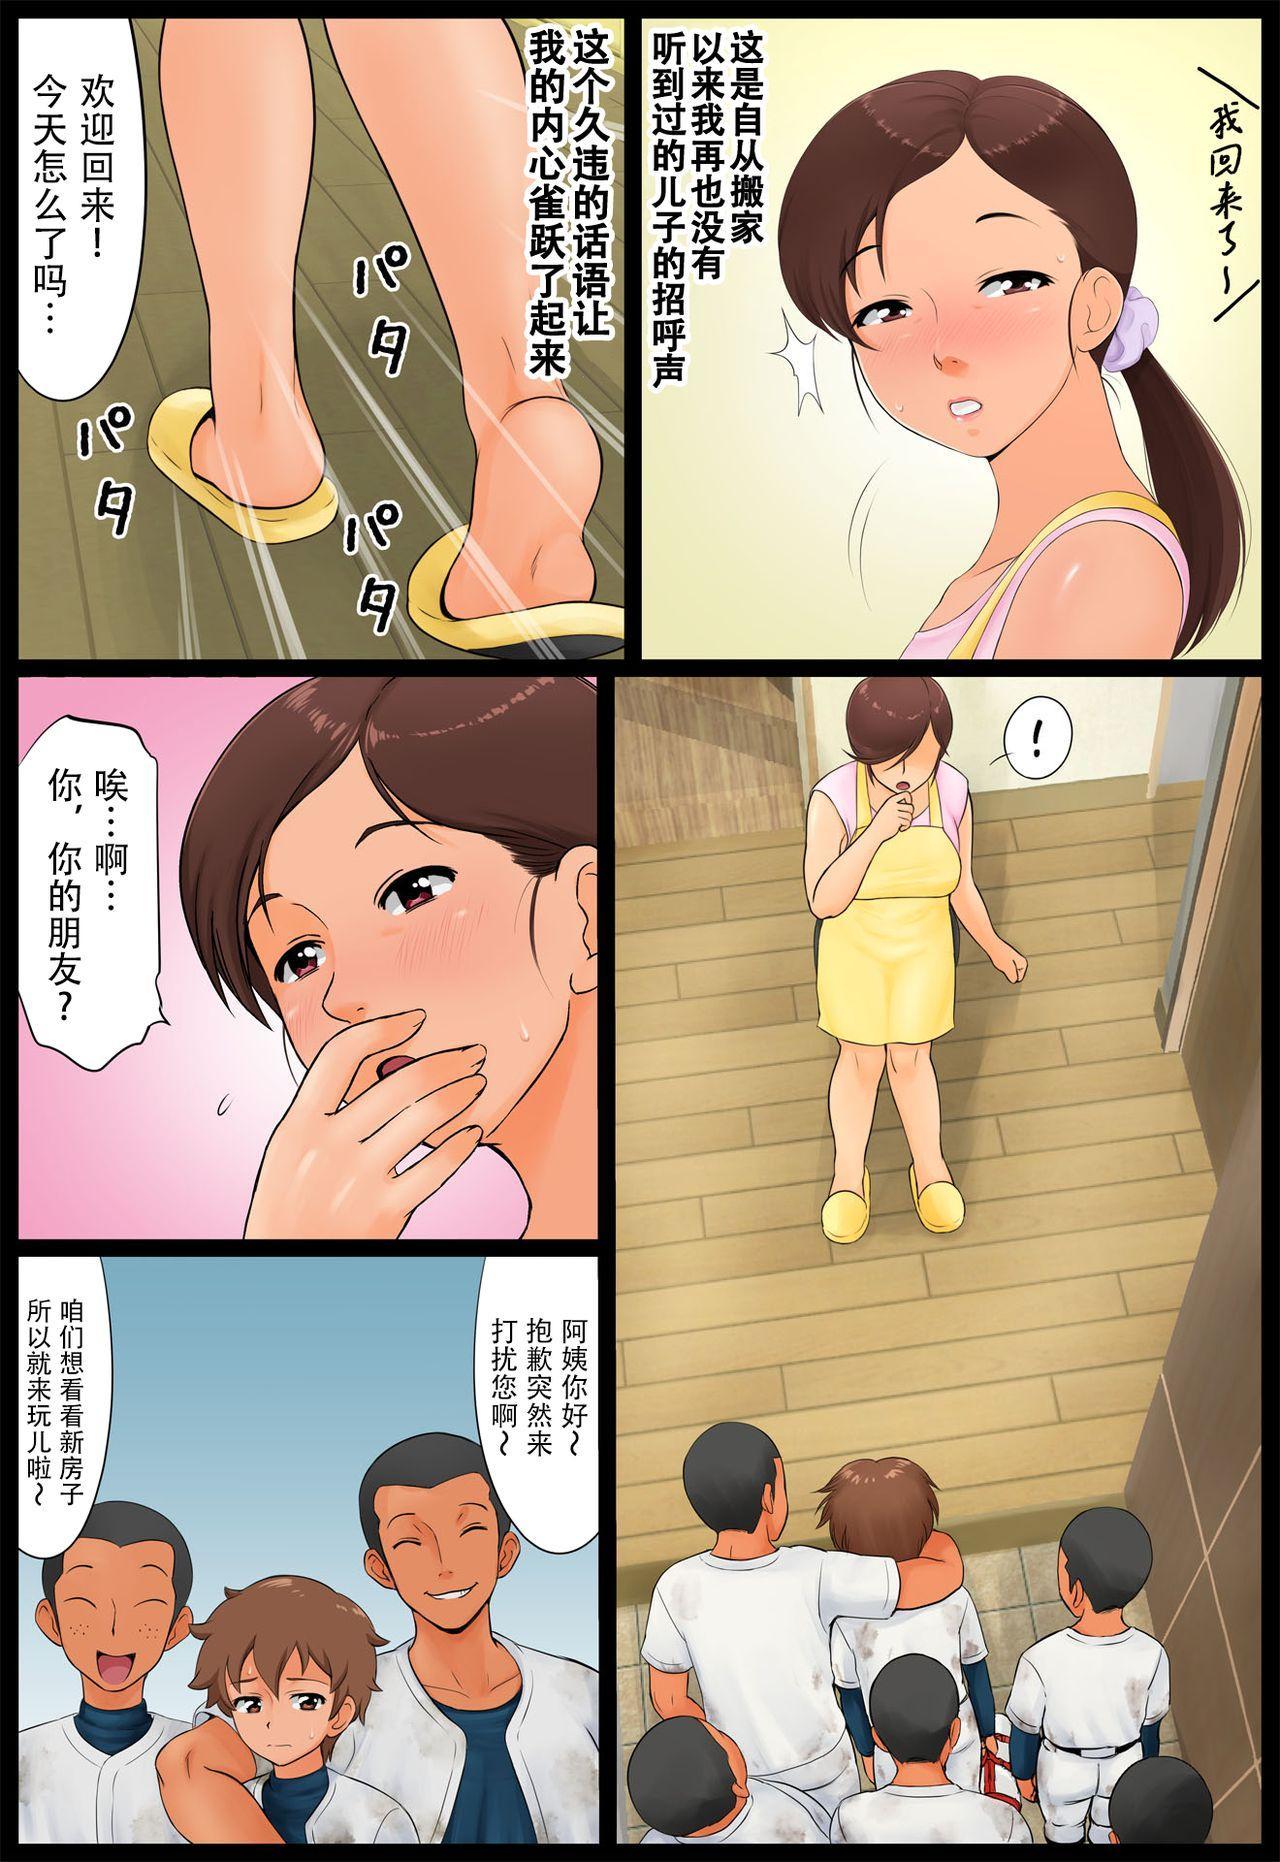 [Rapurando] Musuko no Doukyuusei ni Nerawareta Hahaoya[Chinese]【不可视汉化】 5